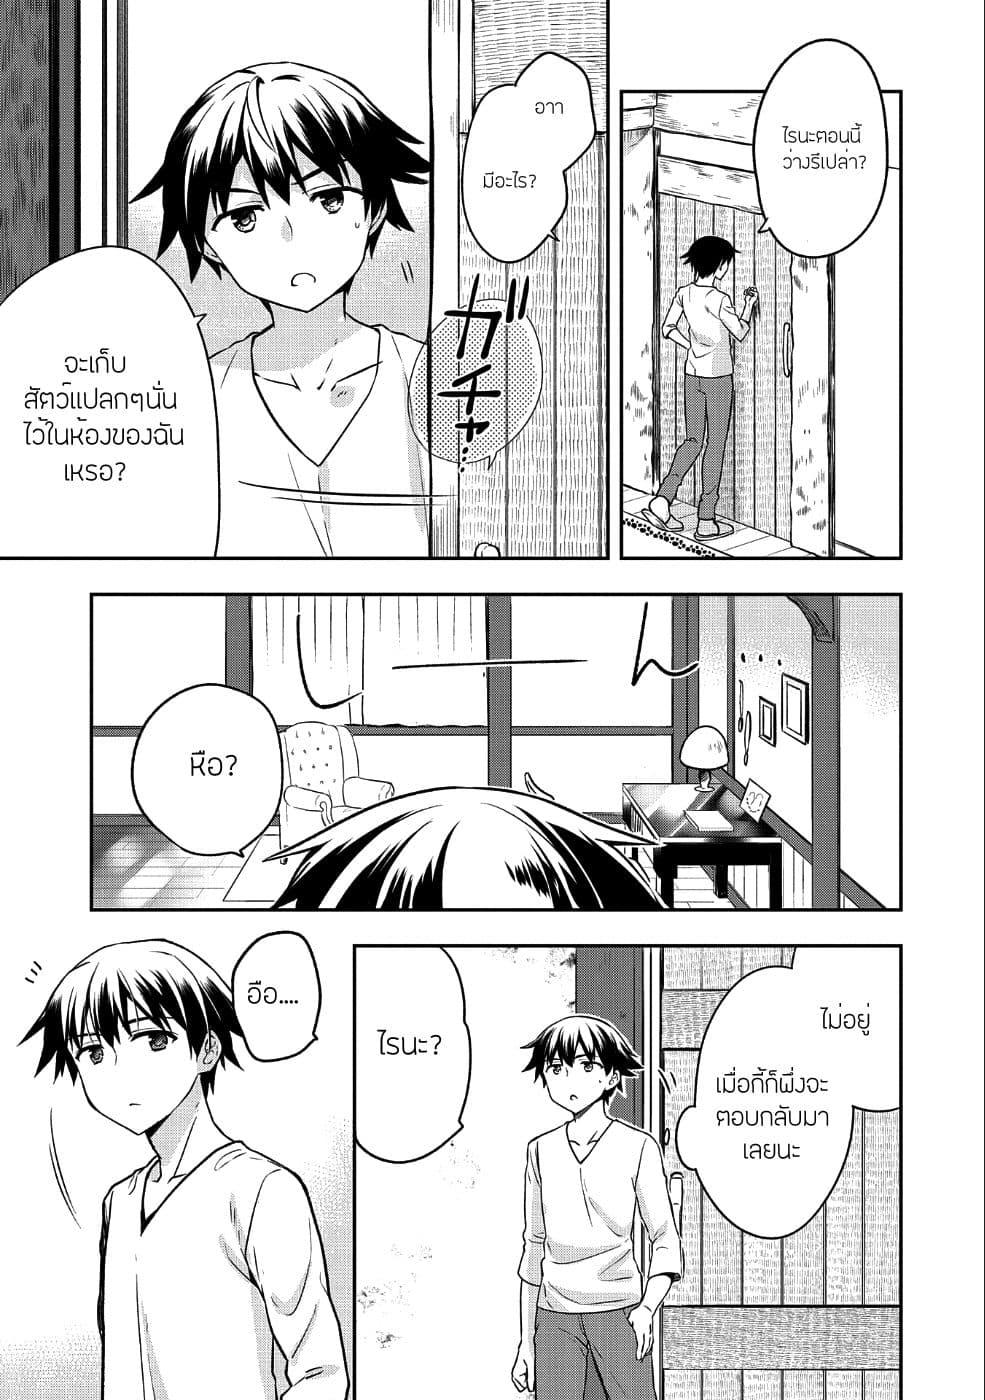 อ่านการ์ตูน Mushoku No Eiyuu Betsu Ni Skill Nanka Iranakatta Ndaga ตอนที่ 7 หน้าที่ 5